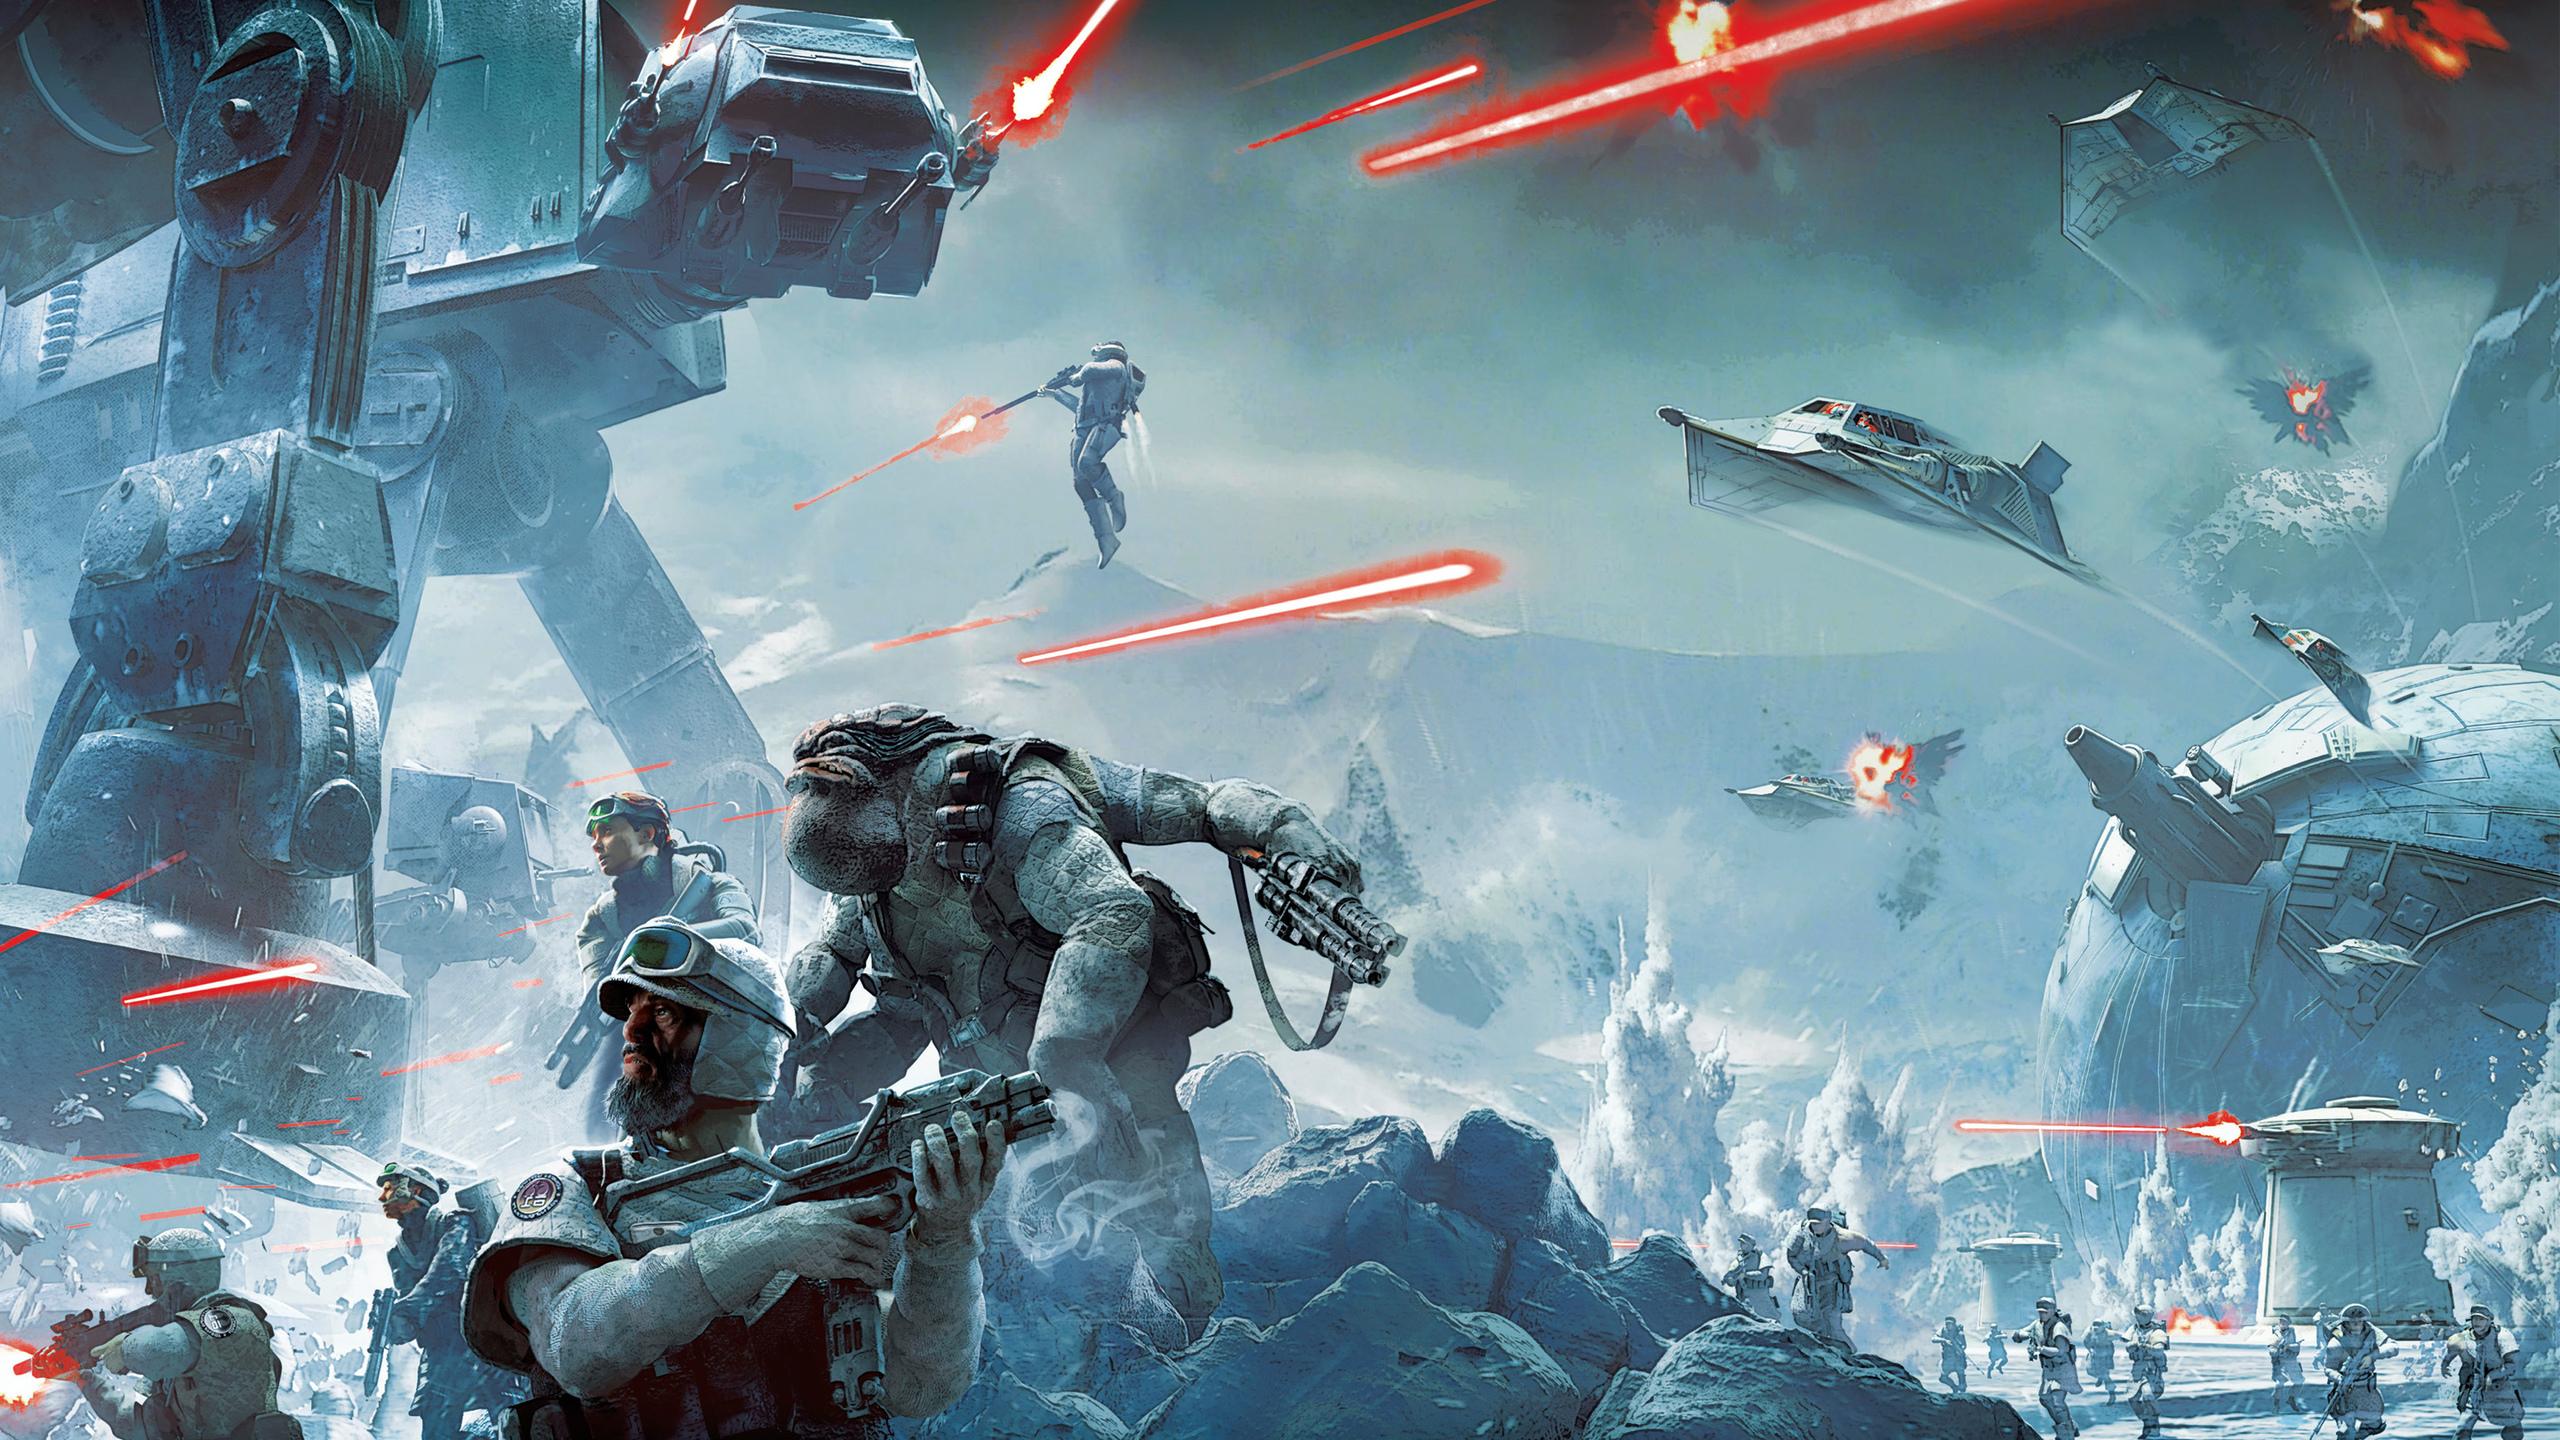 Star Wars Battlefront... (2560x1440)